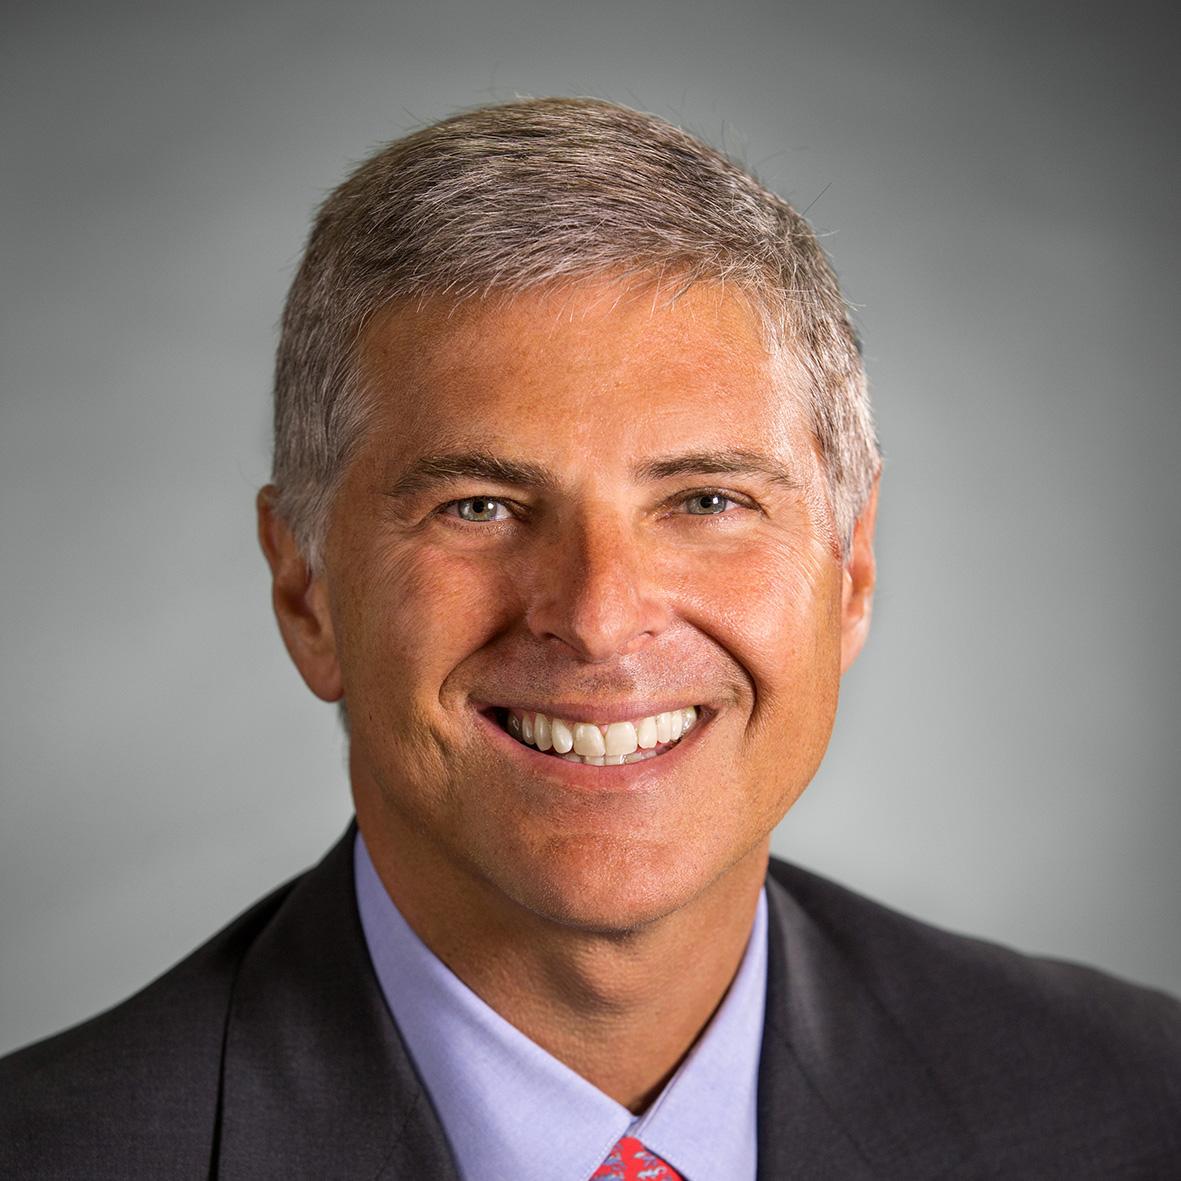 Chris Nassetta - President & CEO, Hilton - xxx